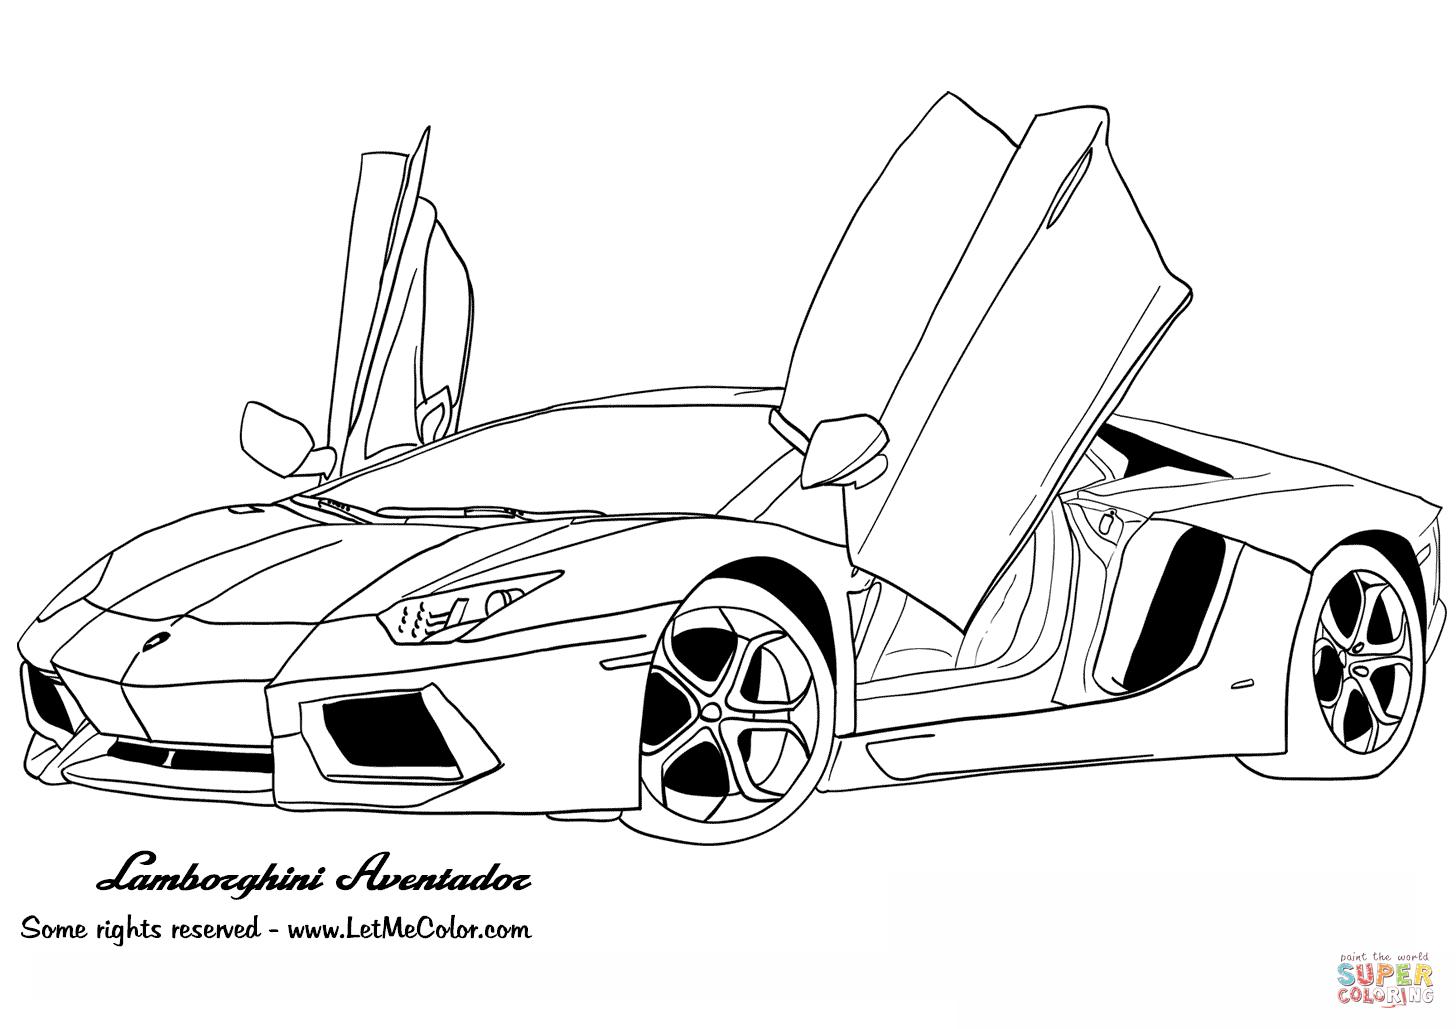 Ferrari clipart colouring page Lamborghini Aventador the Click Coloring